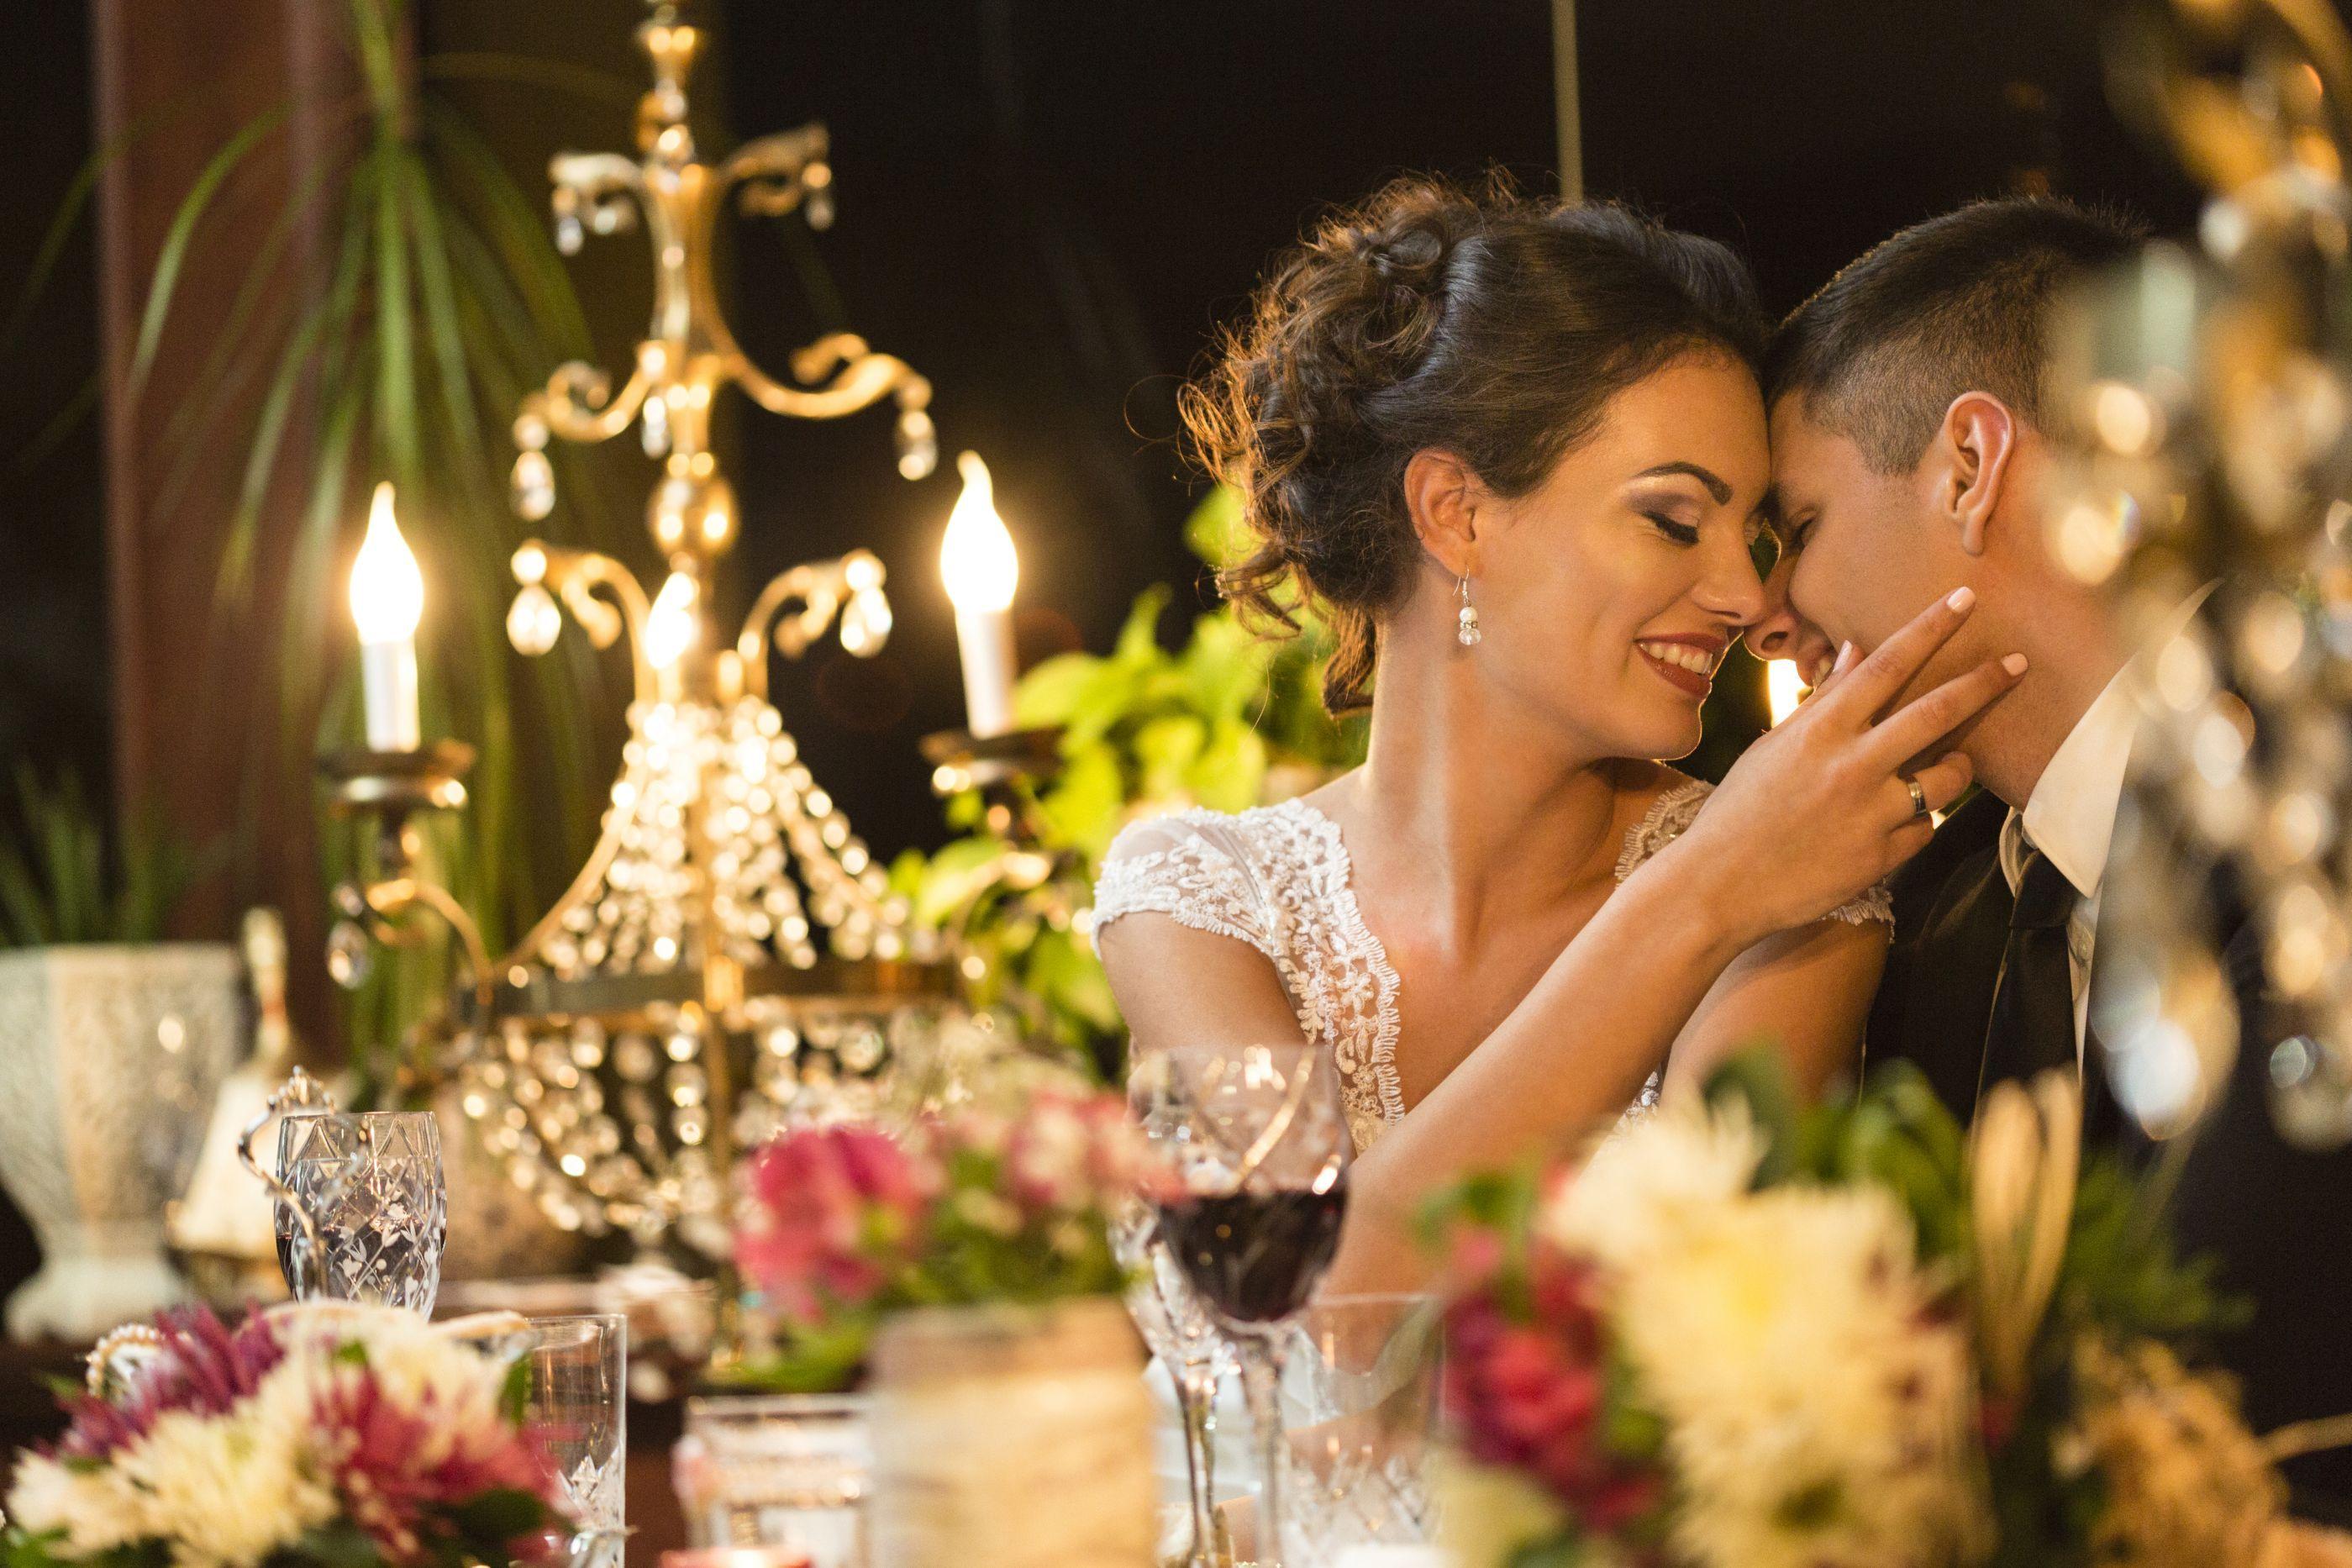 Quanto mais gasta no casamento maior é o risco de divórcio, diz estudo